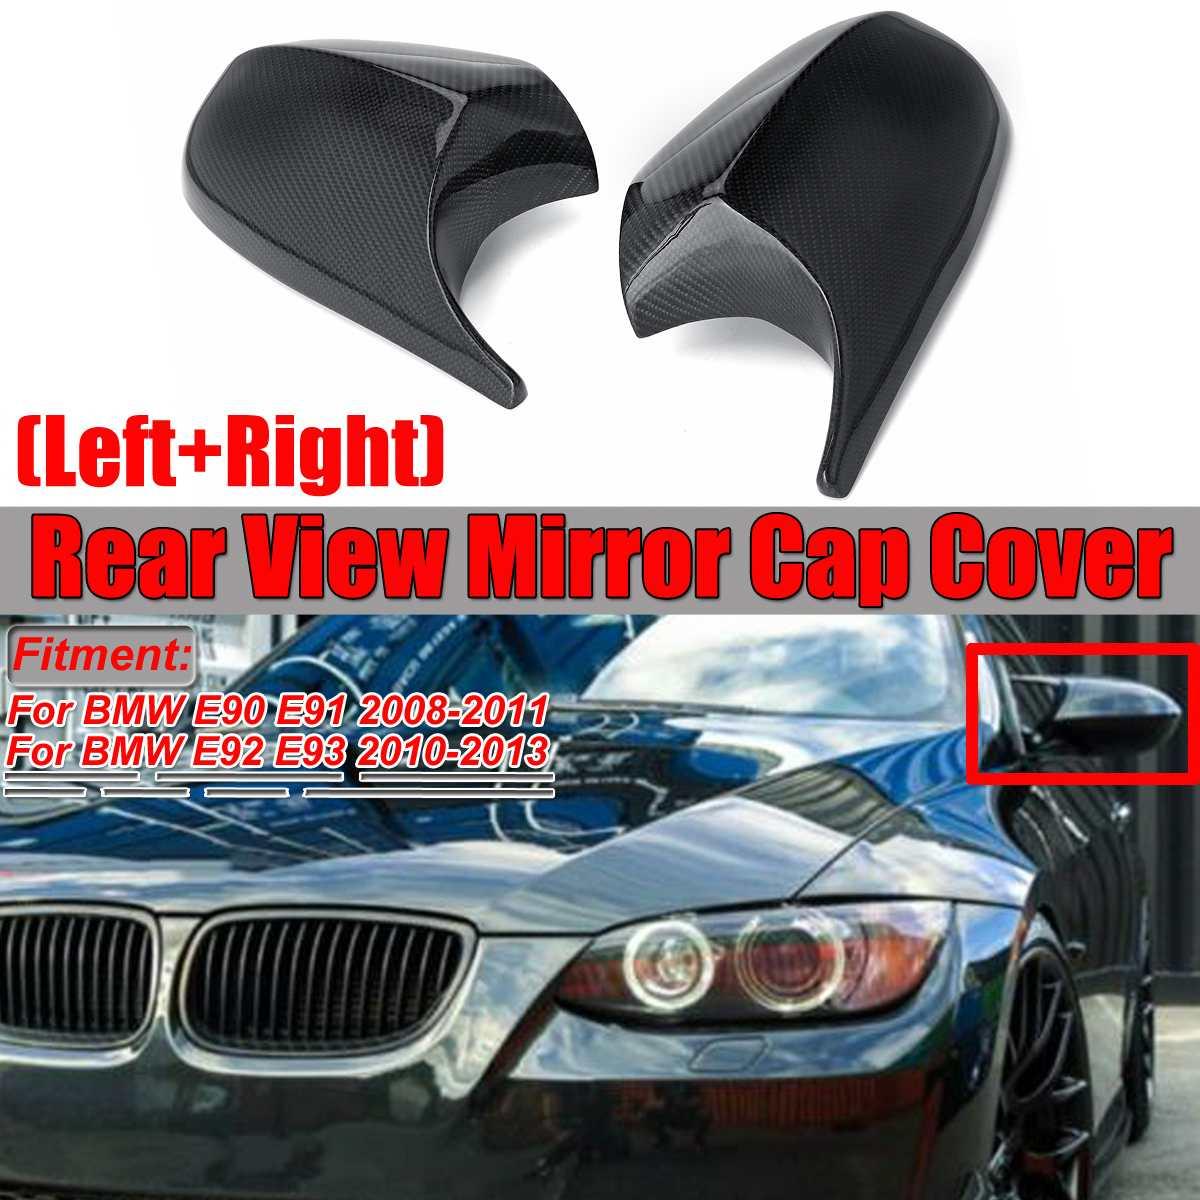 2 個リアルカーボン繊維/ABS ミラーカバー E90 車のバックミラーキャップカバー直接交換 Bmw E90 e91 08-11 E92 E93 10-13 LCI